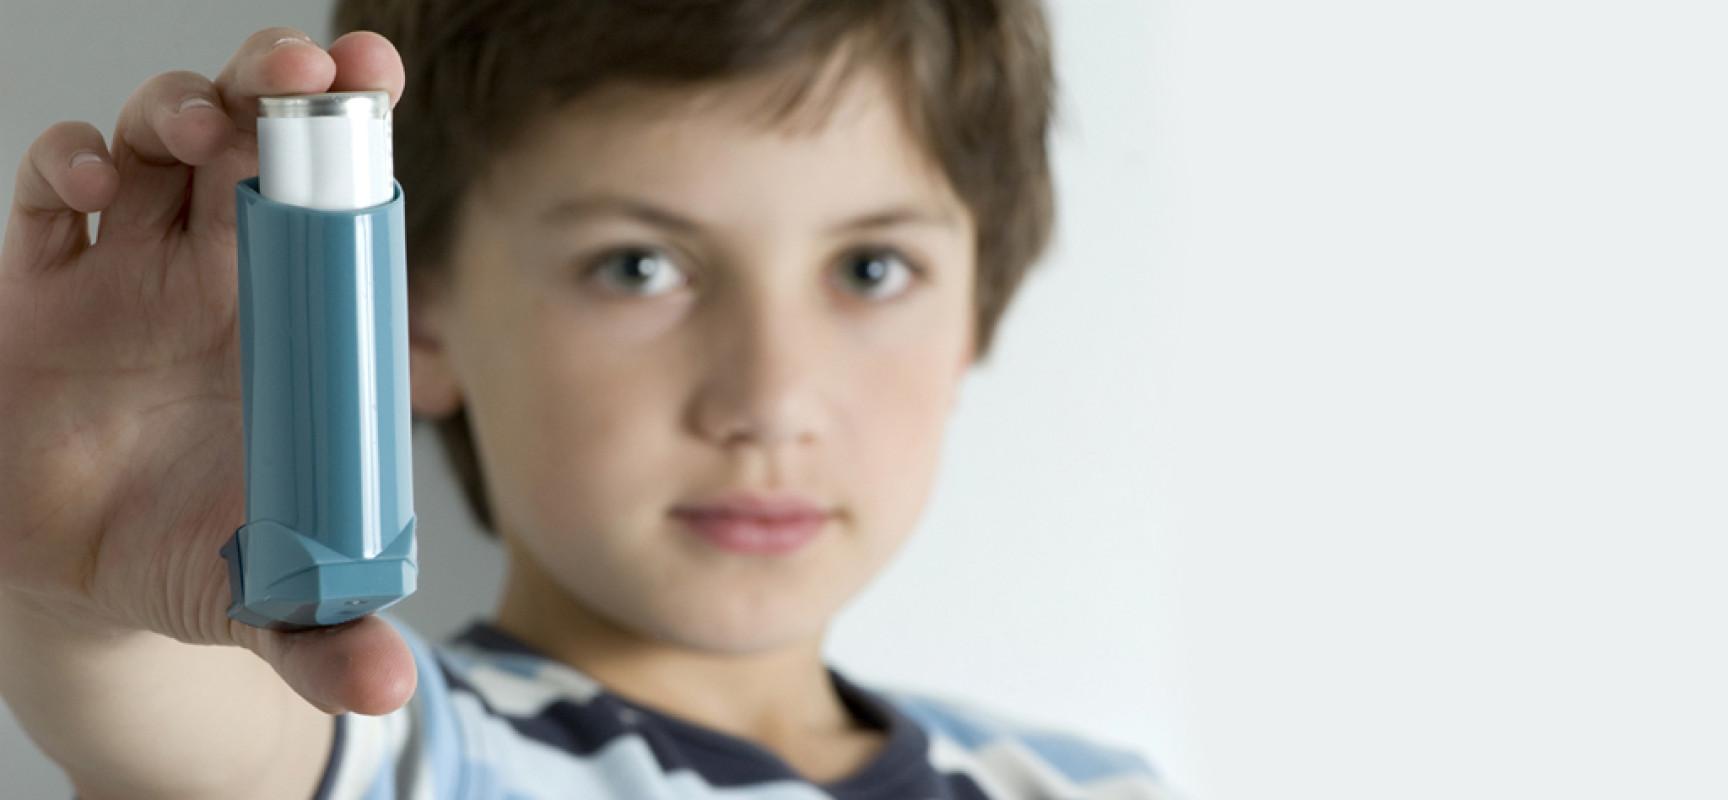 Мальчик с ингалятором